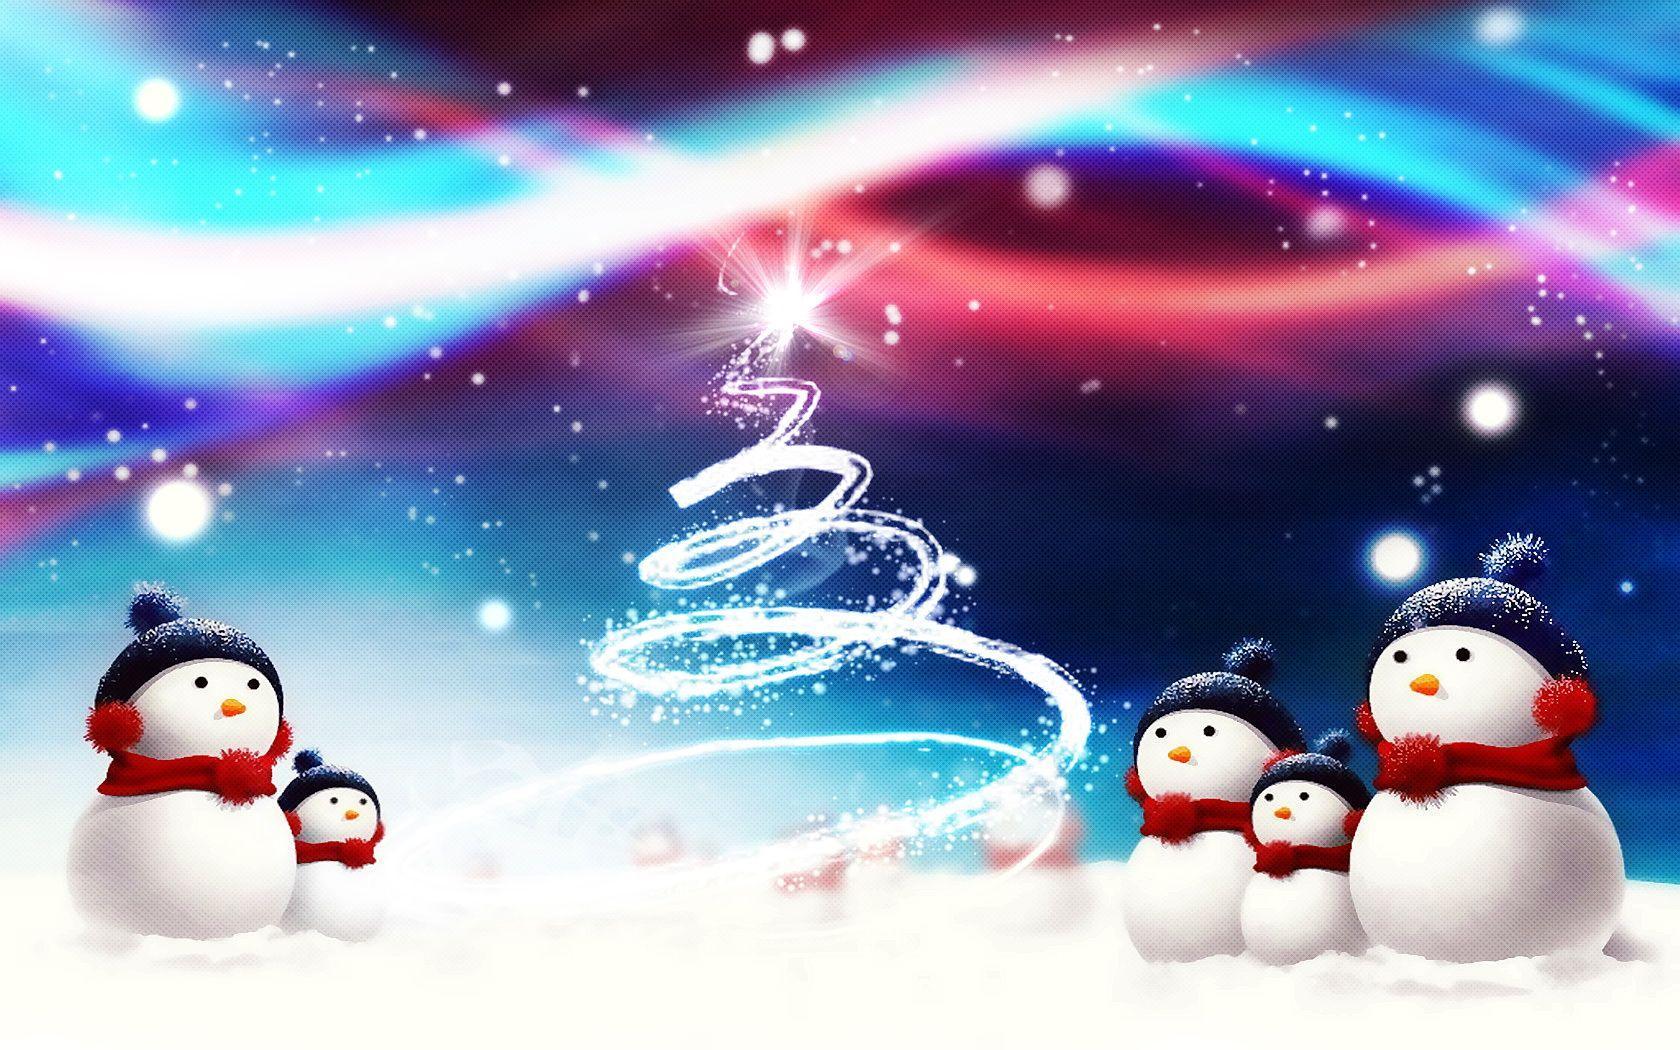 Hình ảnh và hình ảnh Giáng sinh mới nhất 1680x1050, Hình nền FHDQ Giáng sinh